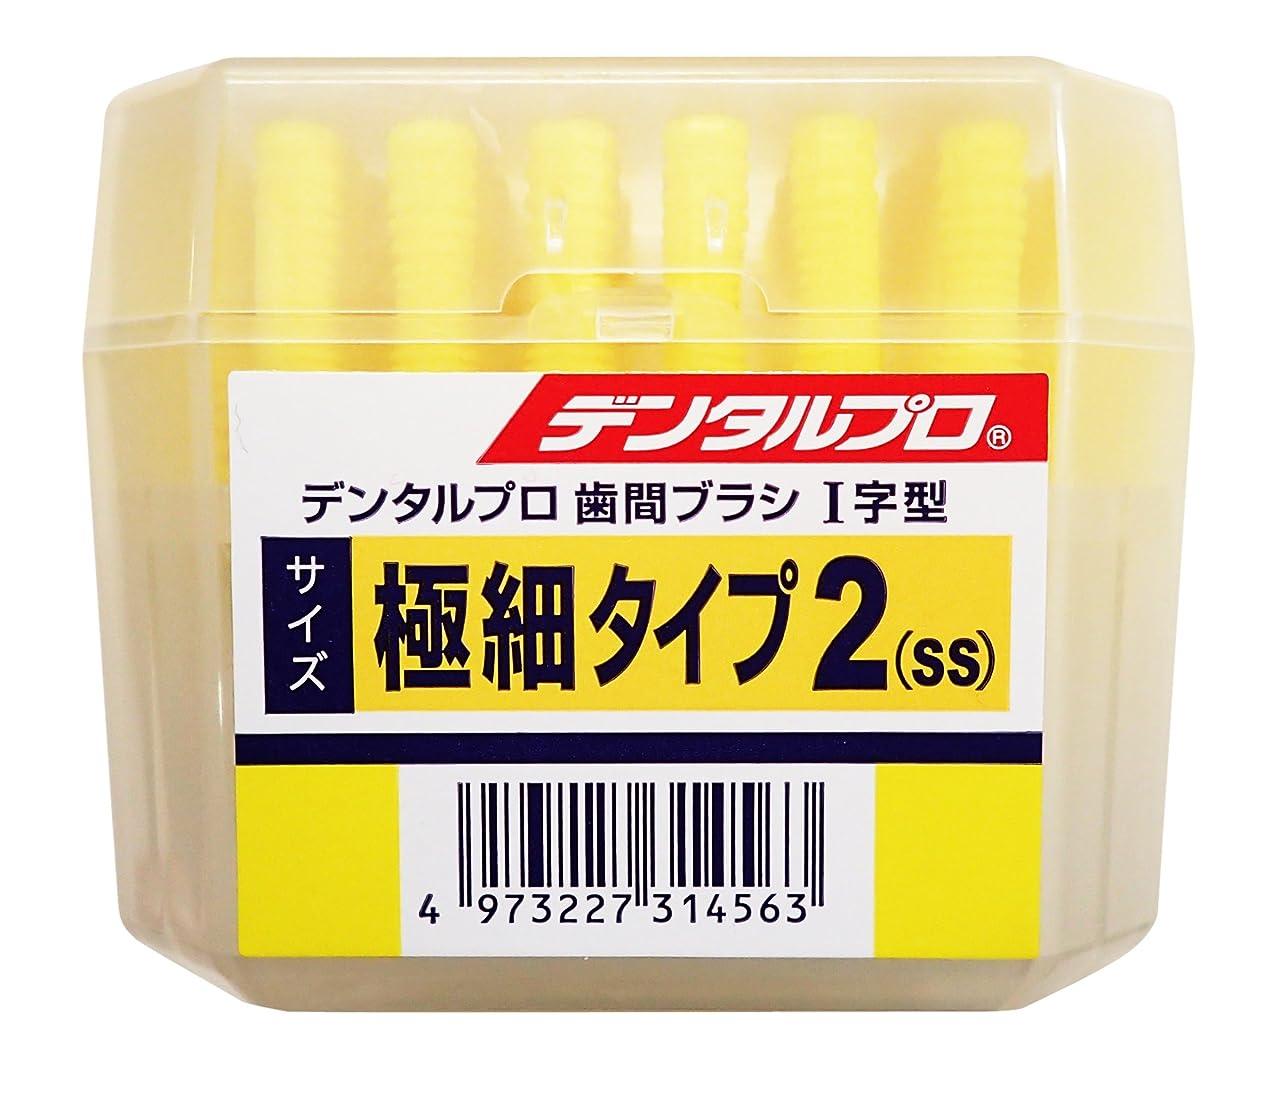 ヘクタール透過性アスペクトデンタルプロ 歯間ブラシ I字型 極細タイプ サイズ2(SS) 50本入